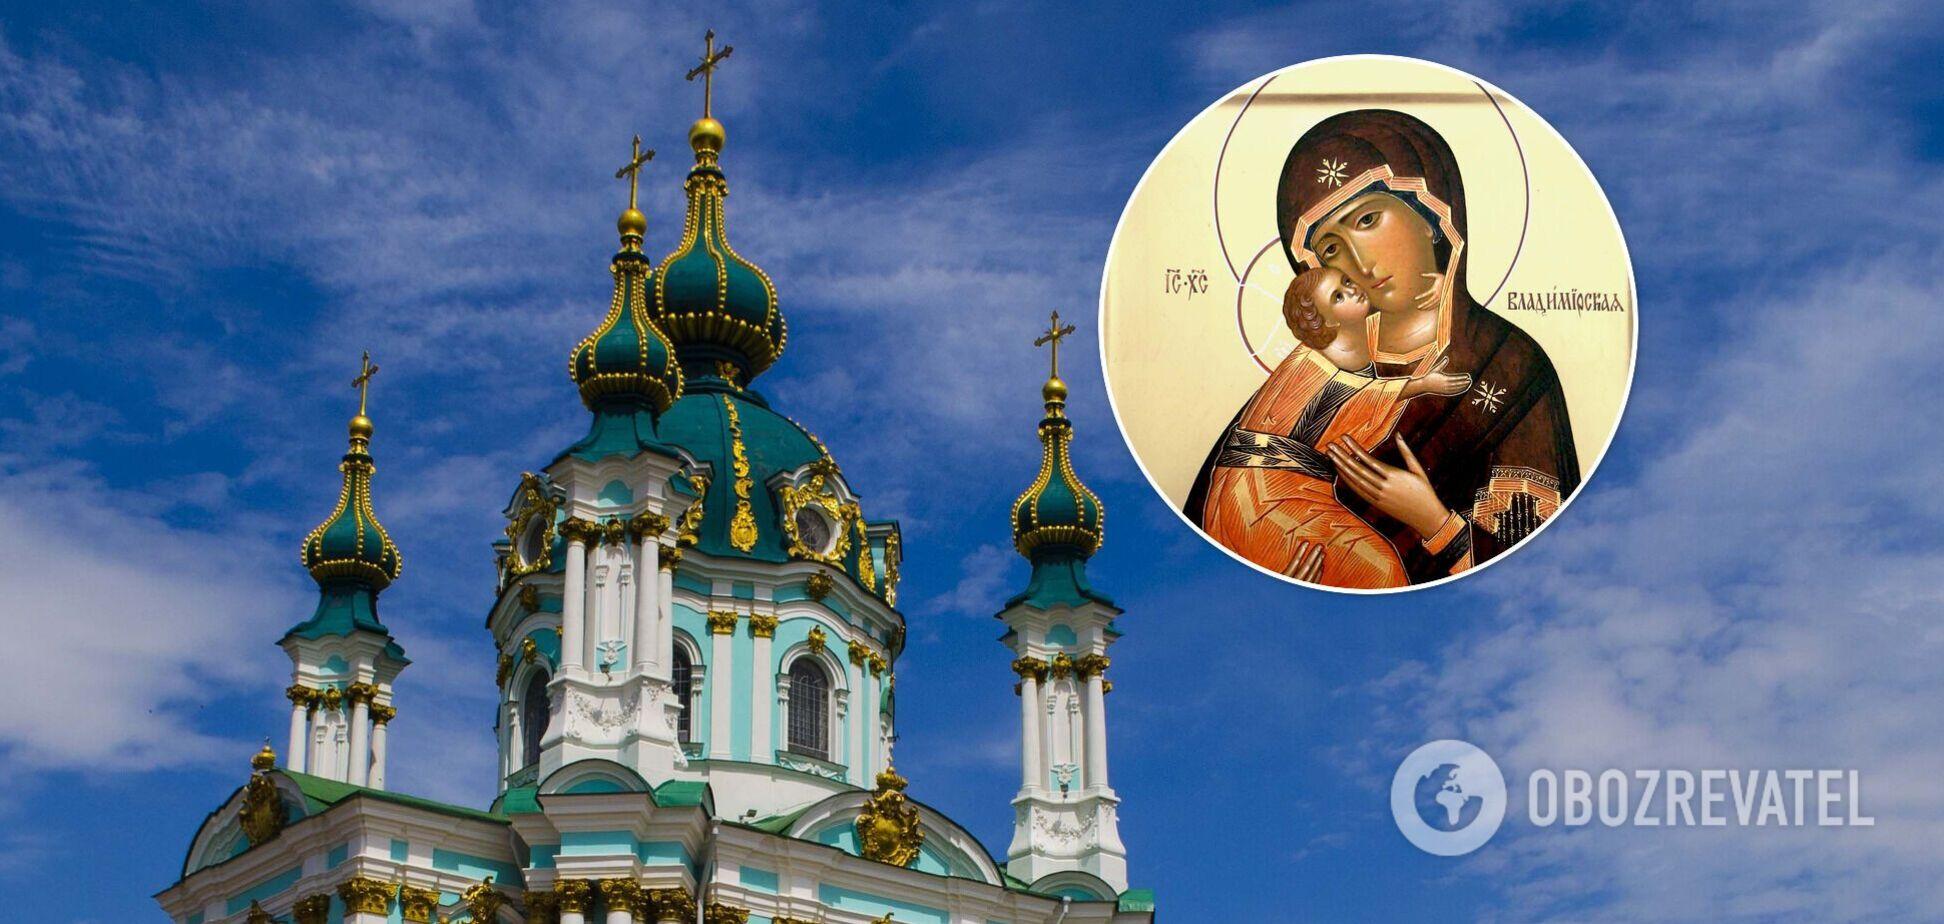 Праздники в сентябре 2021 года в Украине: опубликован православный церковный календарь